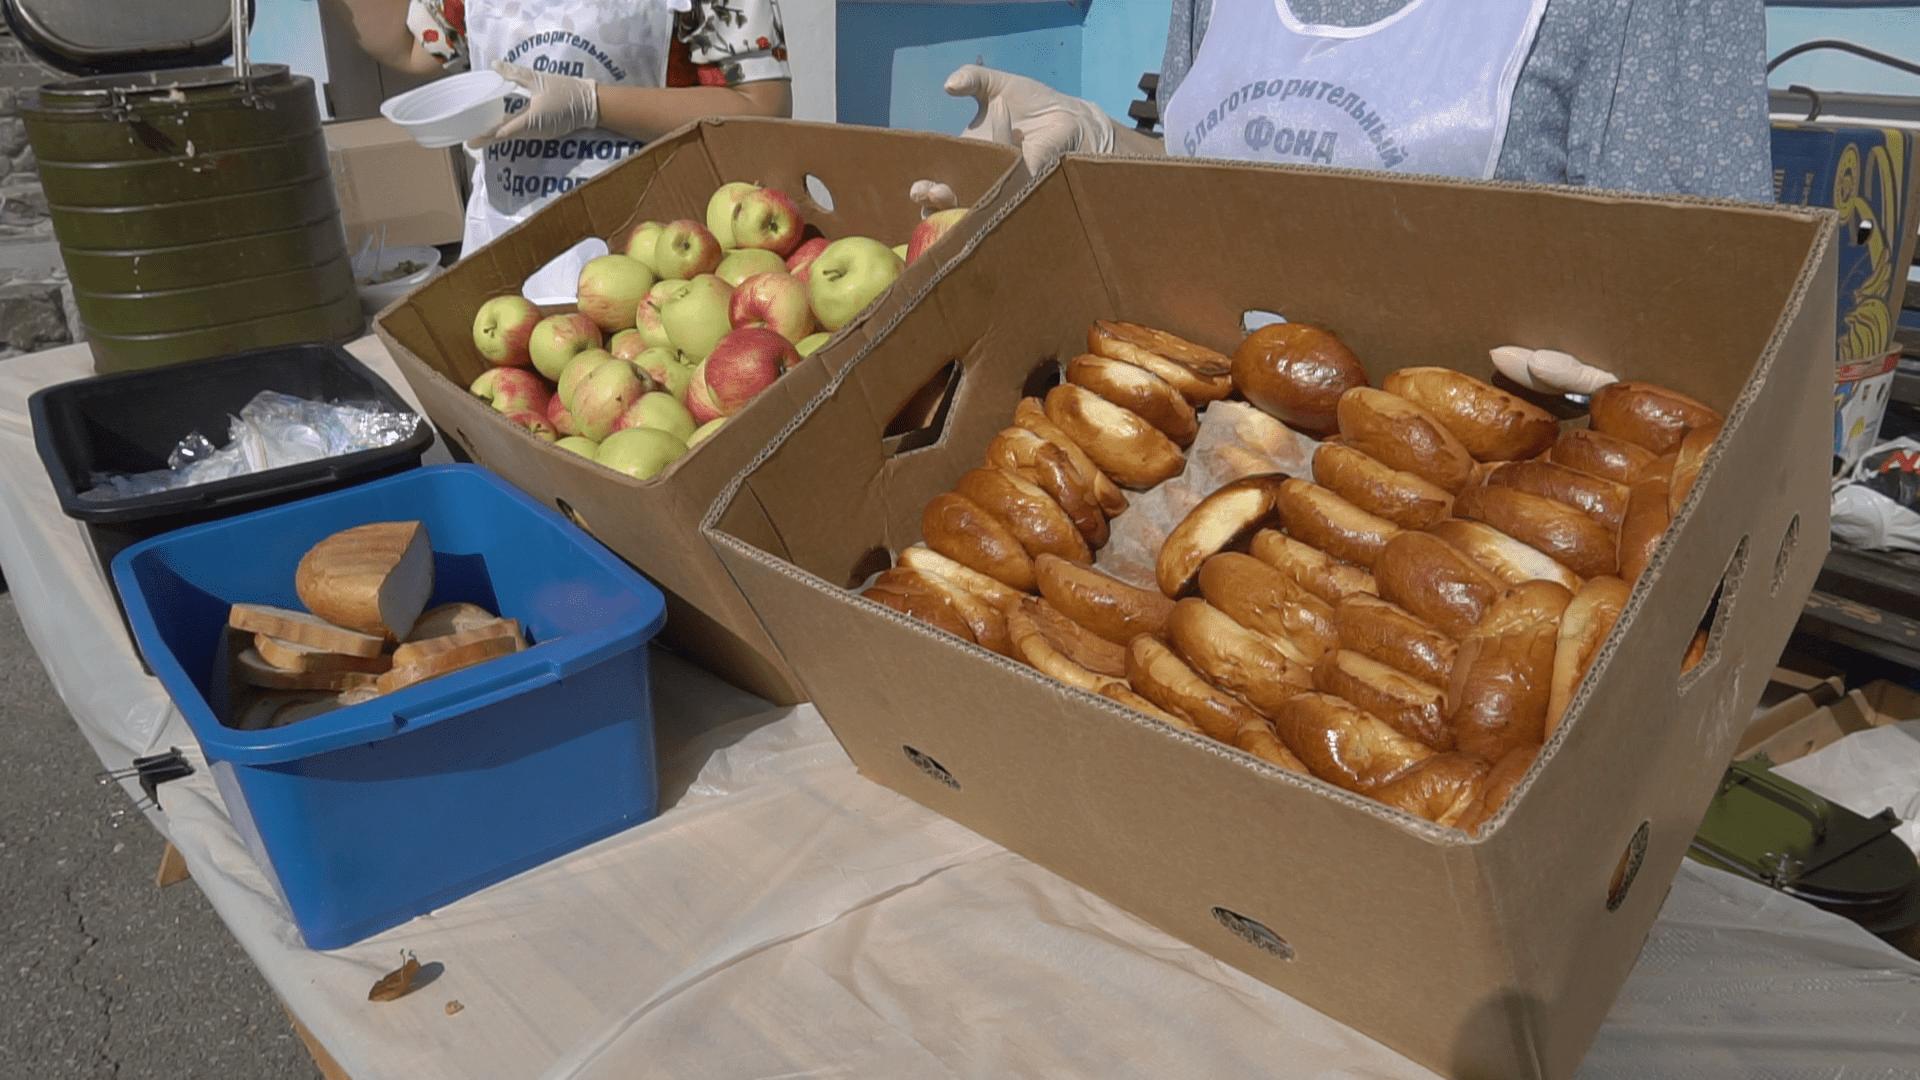 Людей угощади кашей, яблоками и пирожками.png